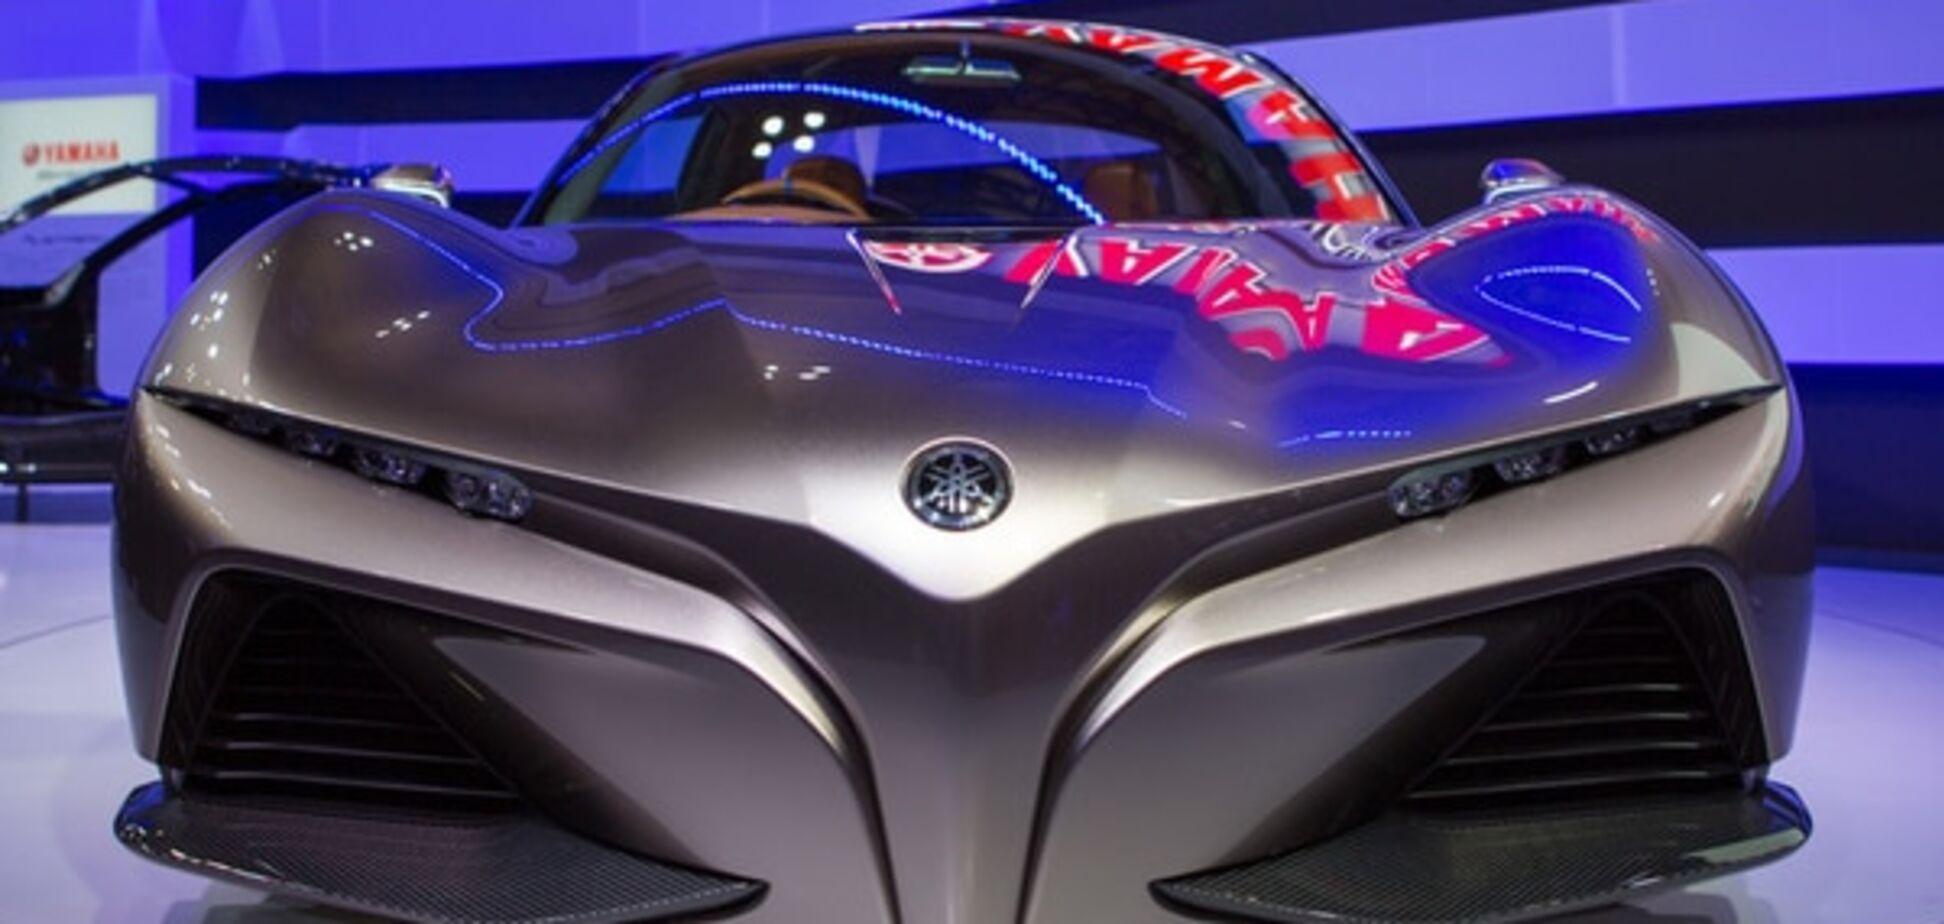 Токійський автосалон: розкрита таємниця першого автомобіля компанії Yamaha